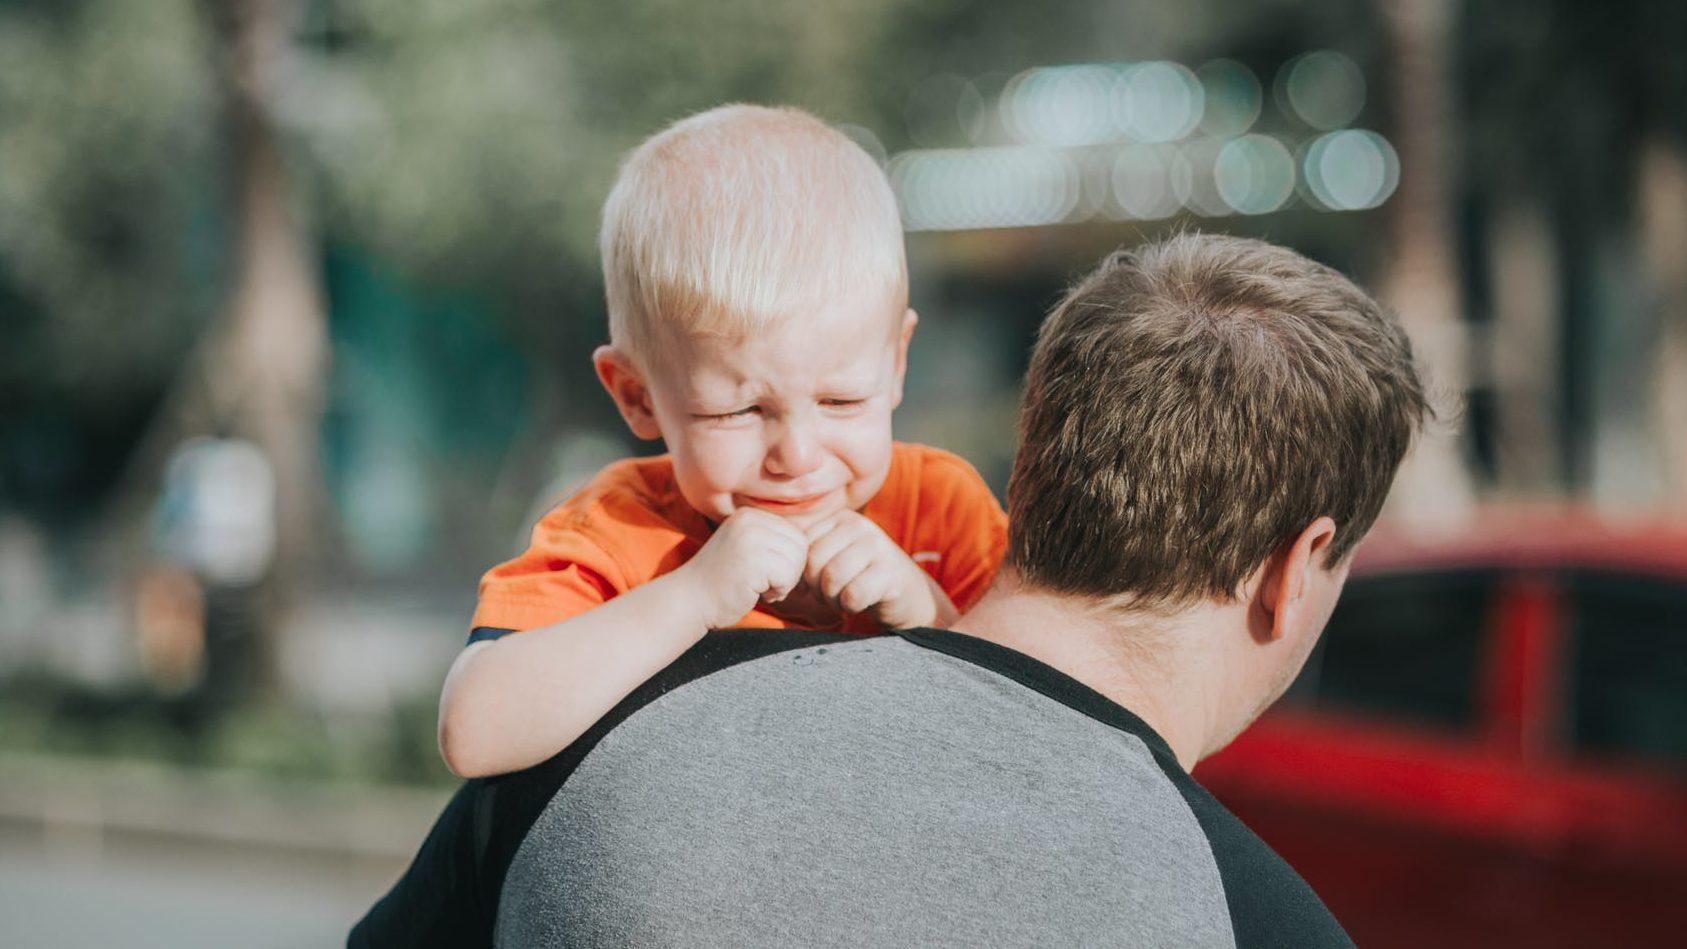 オーボールで赤ちゃんはいつから遊ぶのイメージ画像6